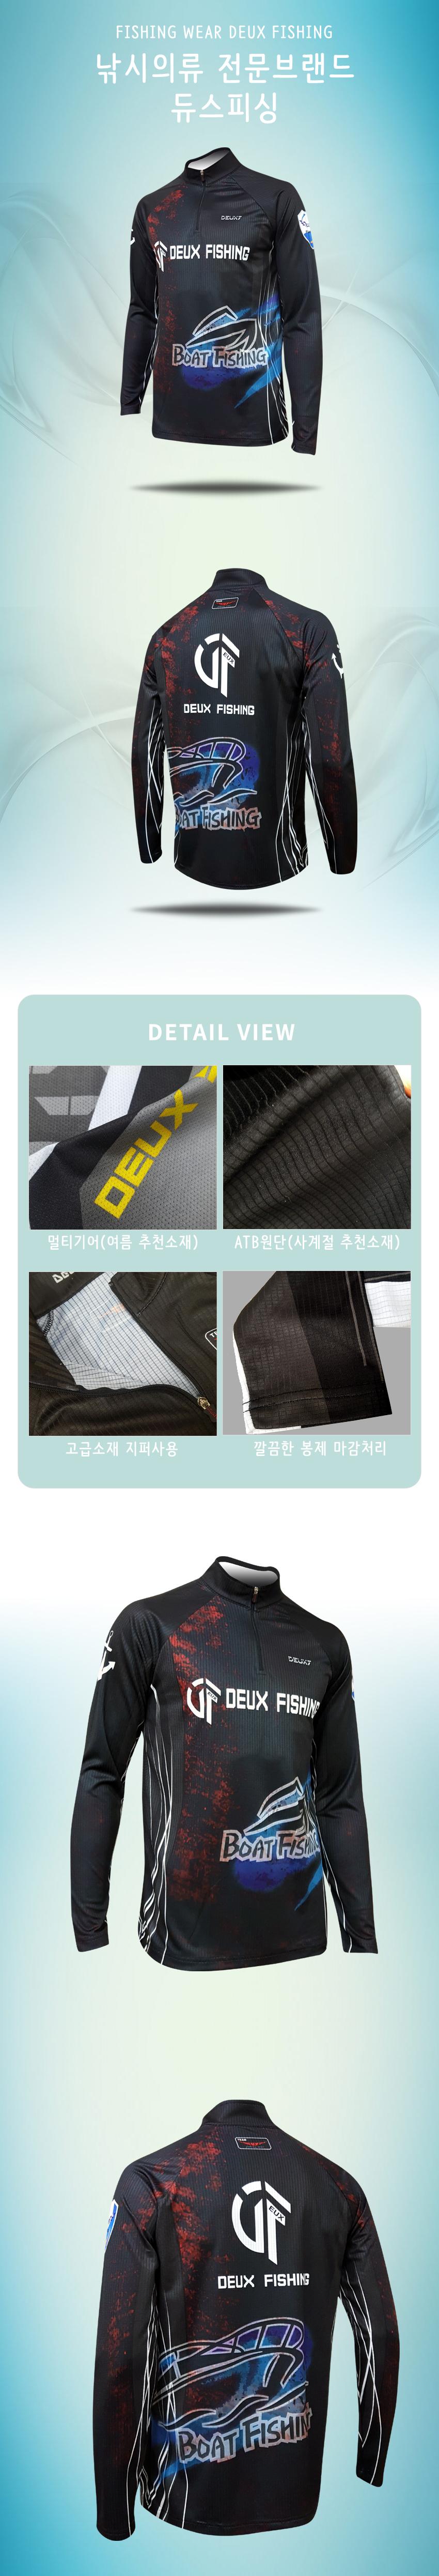 듀스세븐 기능성 낚시 티셔츠 QDT-761 ATB100소재 기능성티셔츠 낚시팀복 팀복 낚시티셔츠 낚시티 듀스피싱 단체복